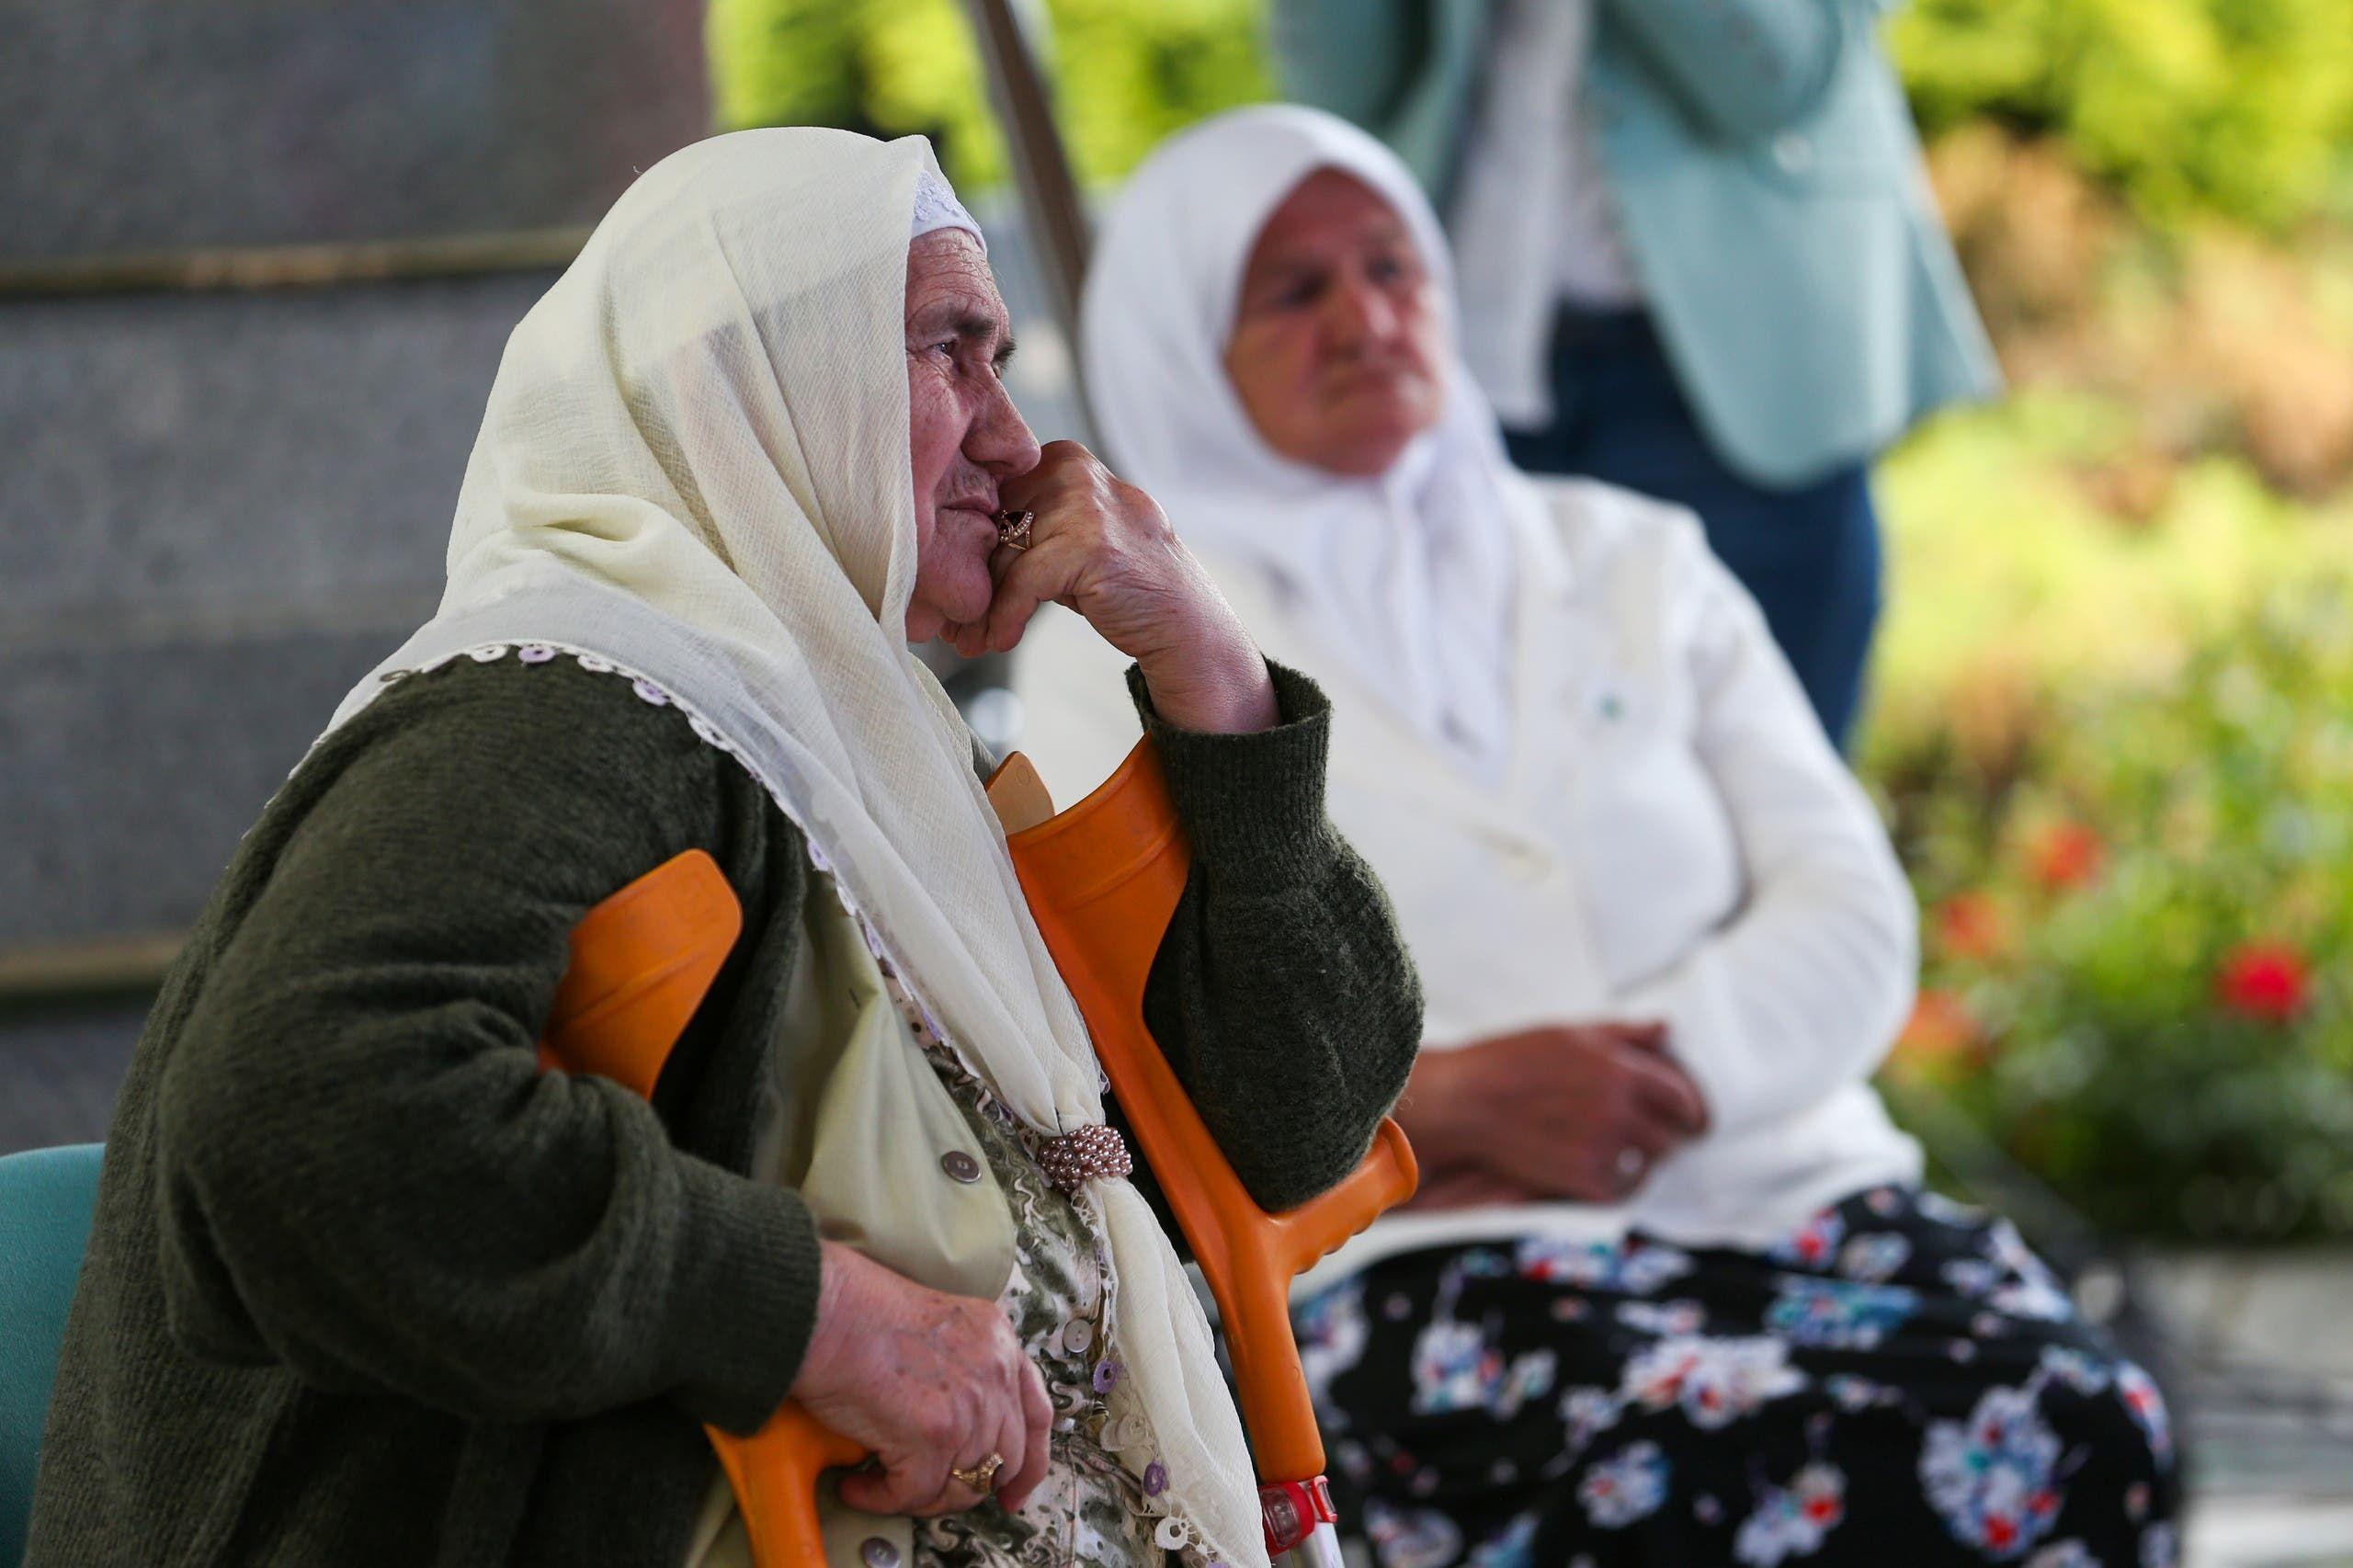 نساء من الناجين من مجزرة سربرينيتسا يسمعون النطق بالحكم على ملاديتش